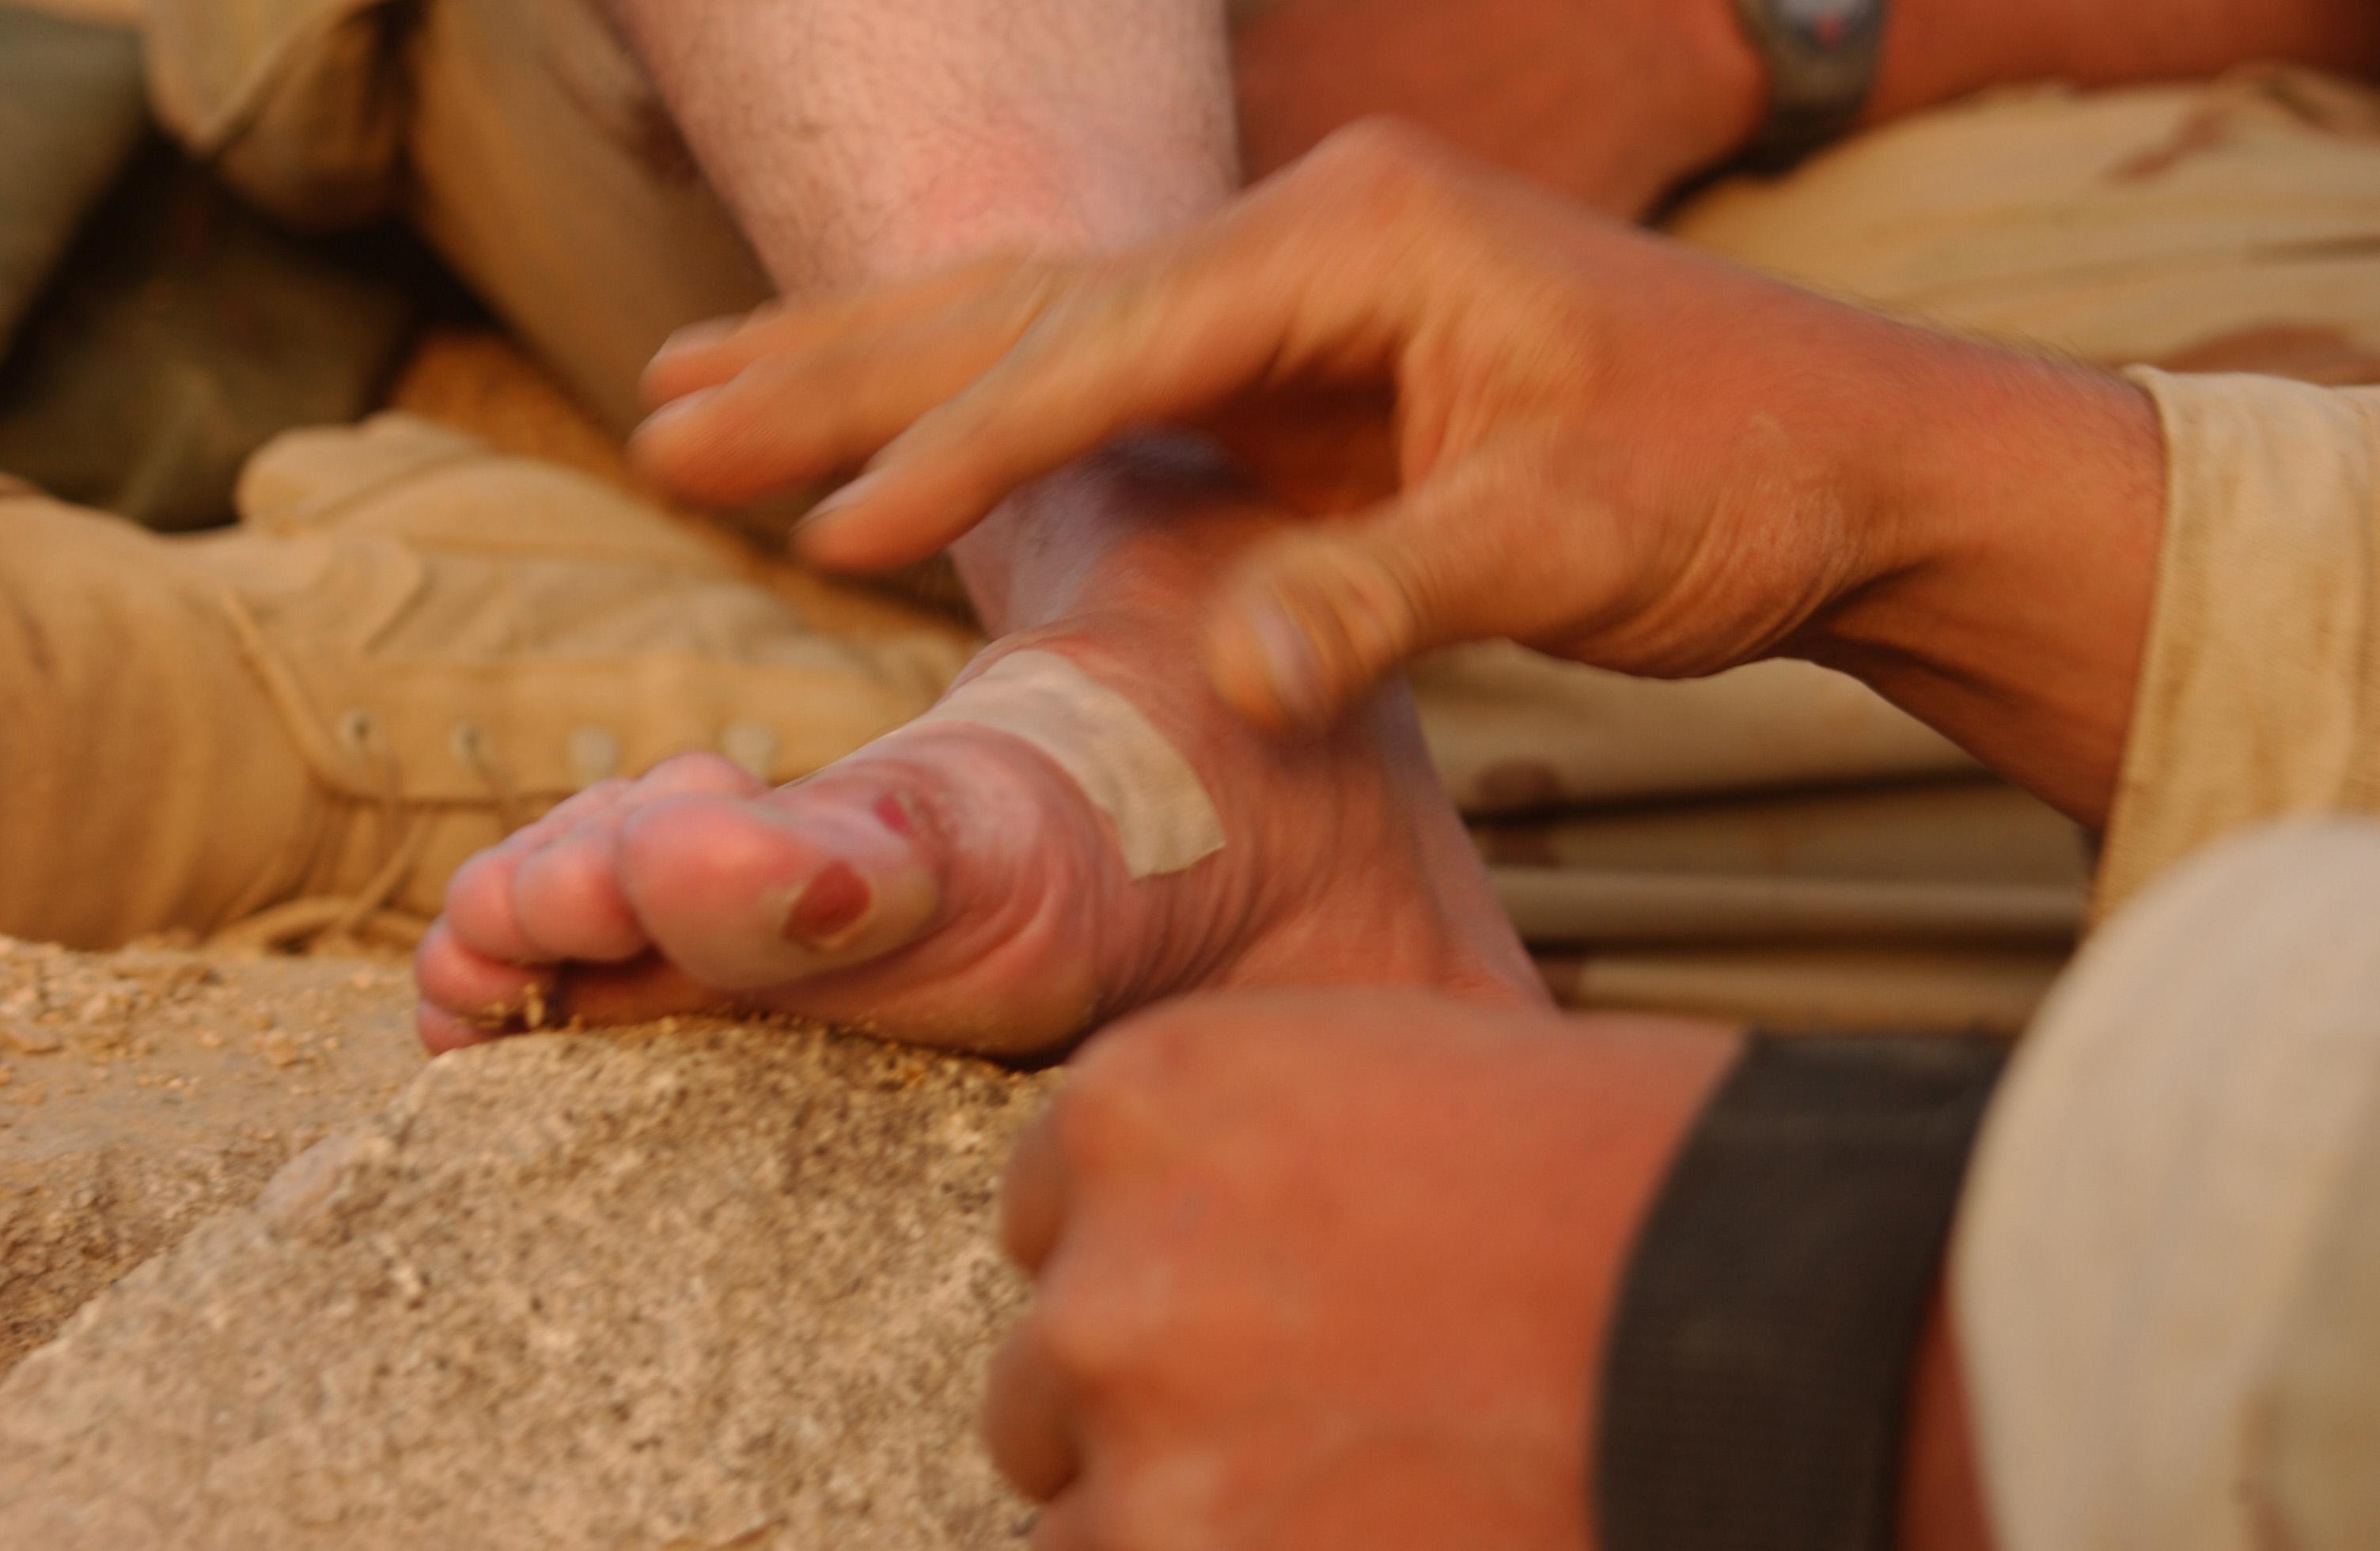 Foot-Blister-Prevention-Treatment-aiding-Blistered-feet